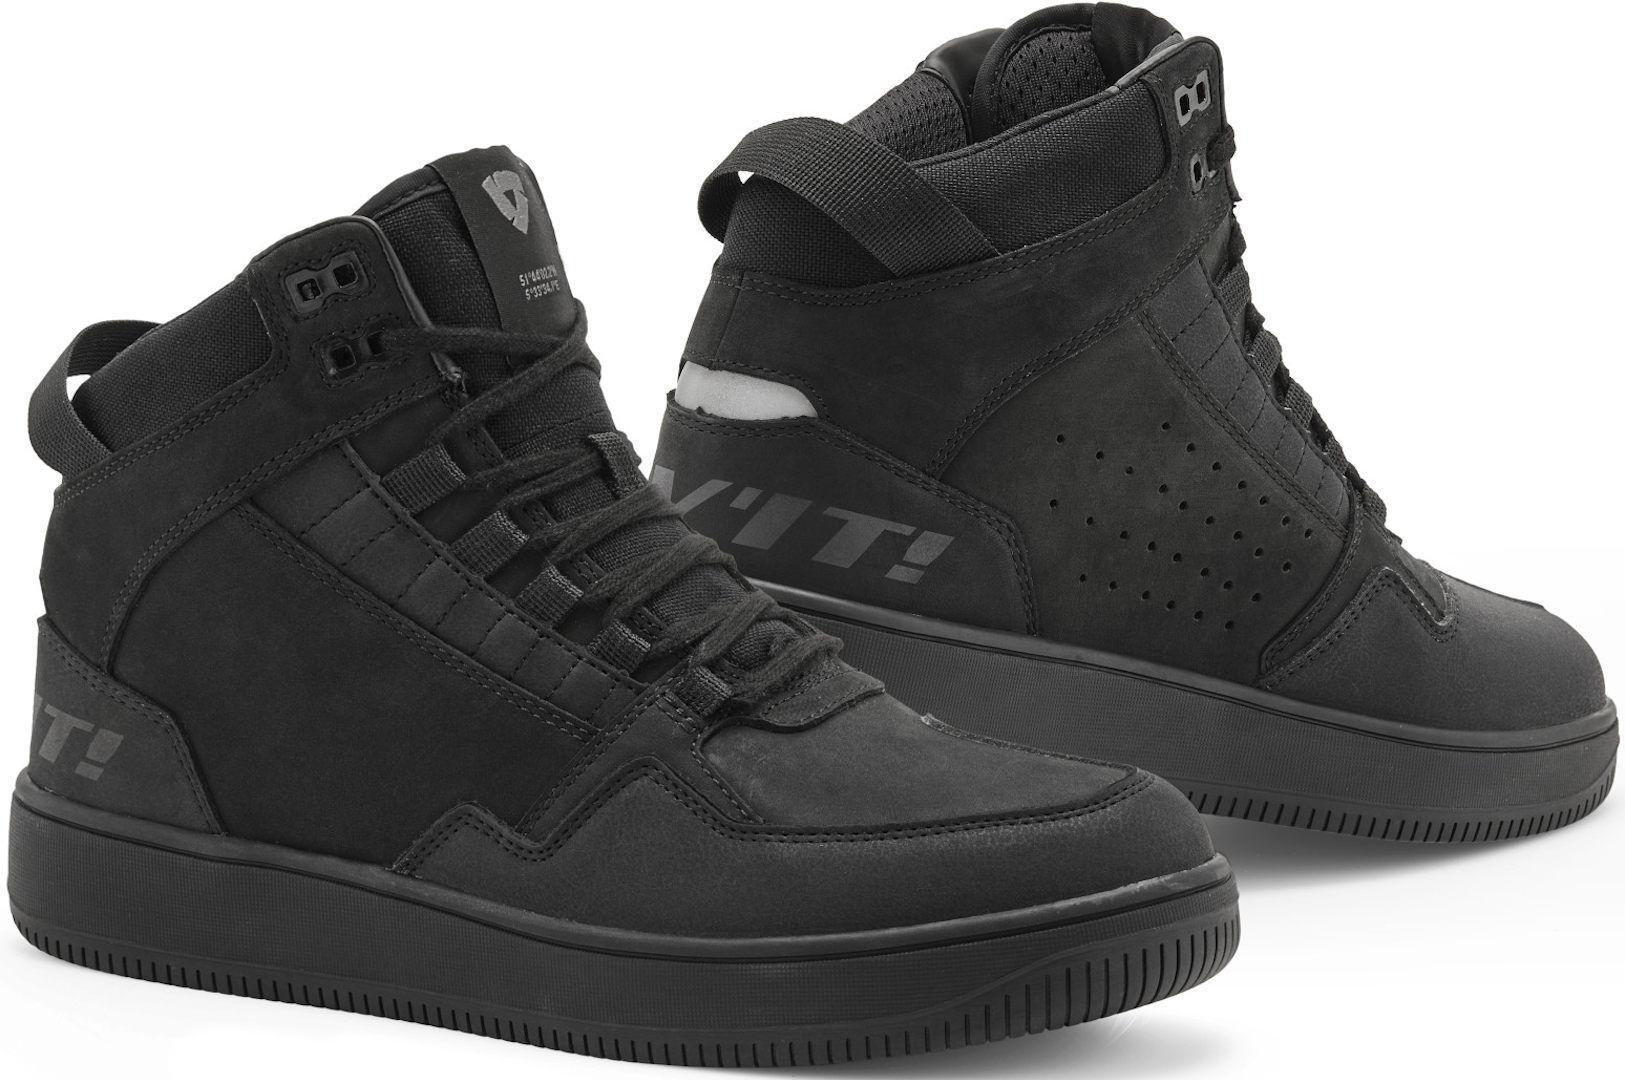 Revit Jefferson Motorcycle Shoes Black 44